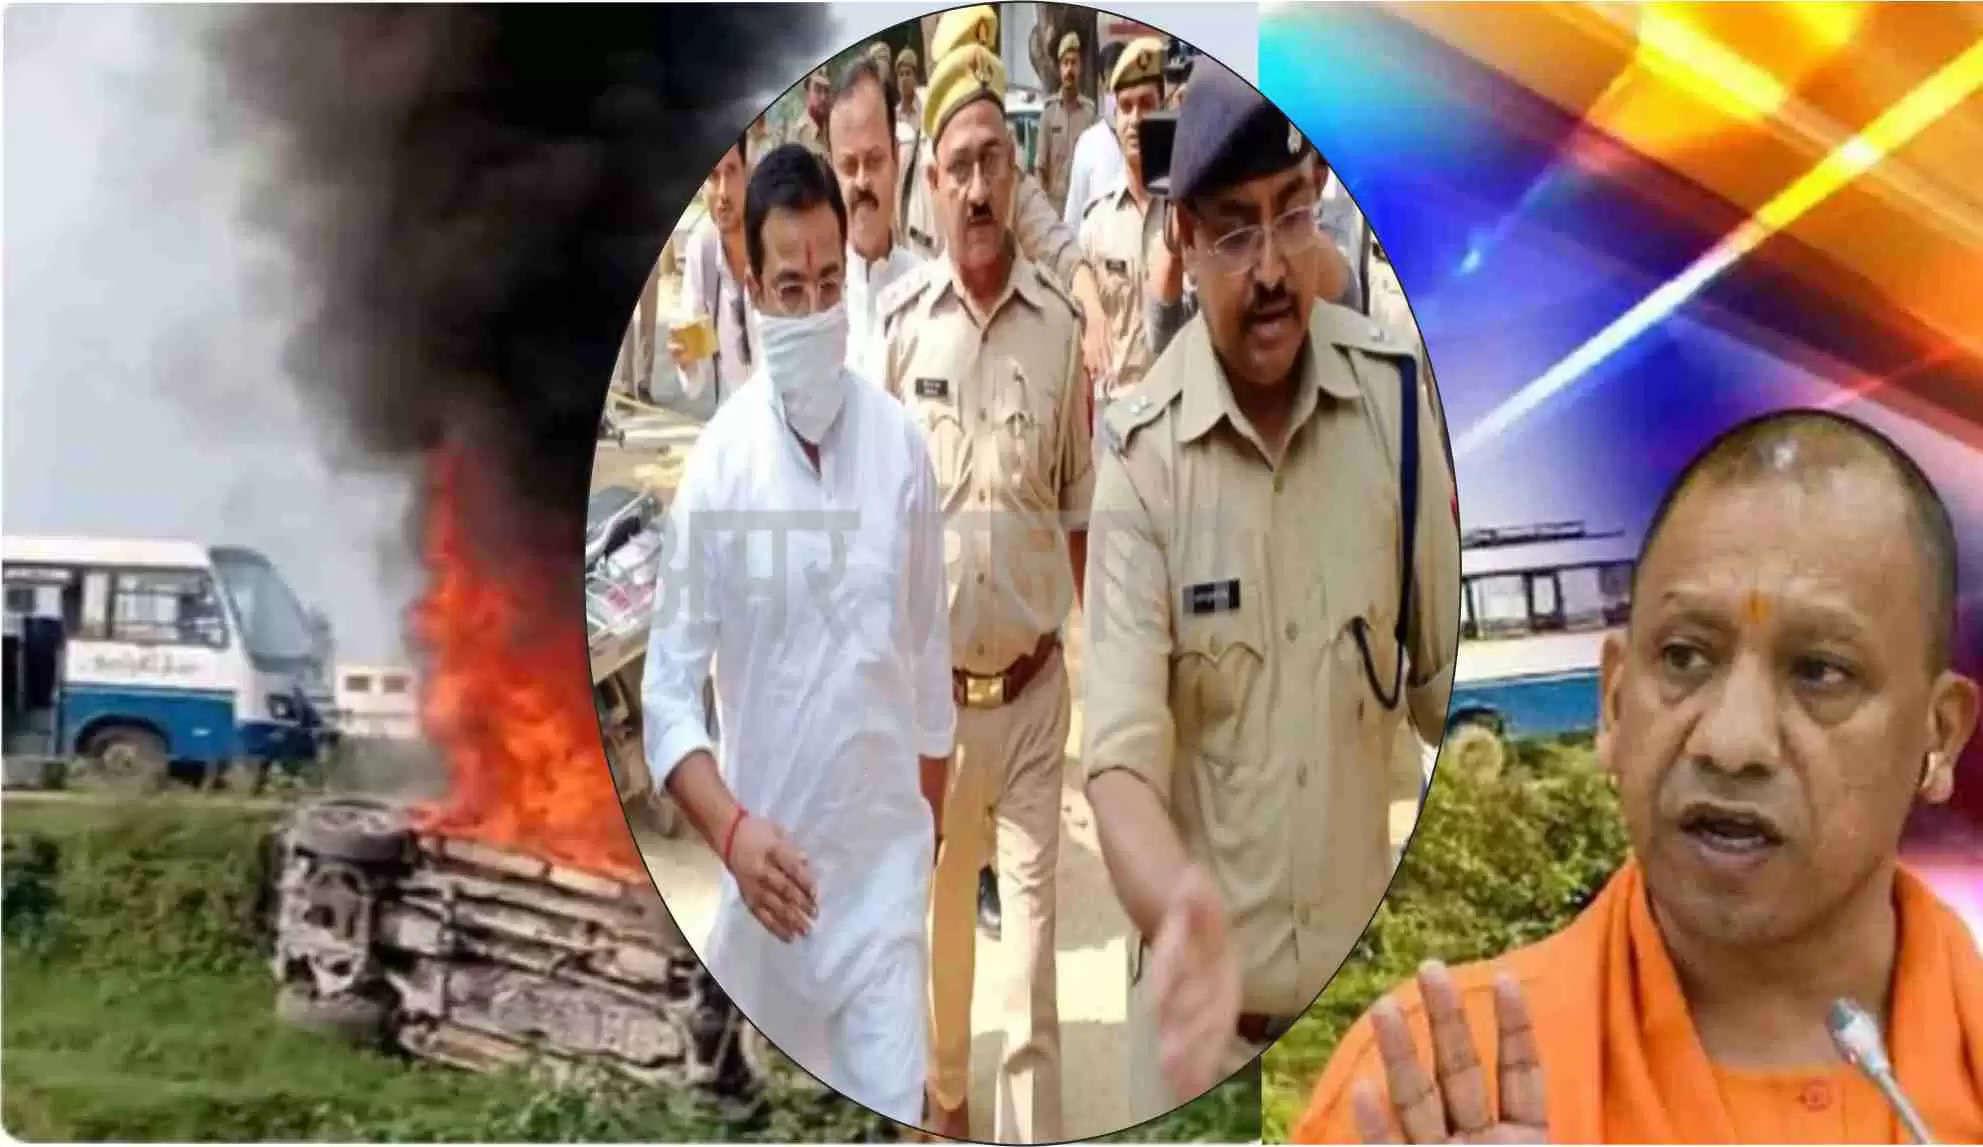 लखीमपुर हिंसा मामले में मंत्रीपुत्र आशीष मिश्रा पुलिस हिरासत में, अब मंत्री टेनी हटेंगे या पुत्र सलाखों के पीछे जाएगा!